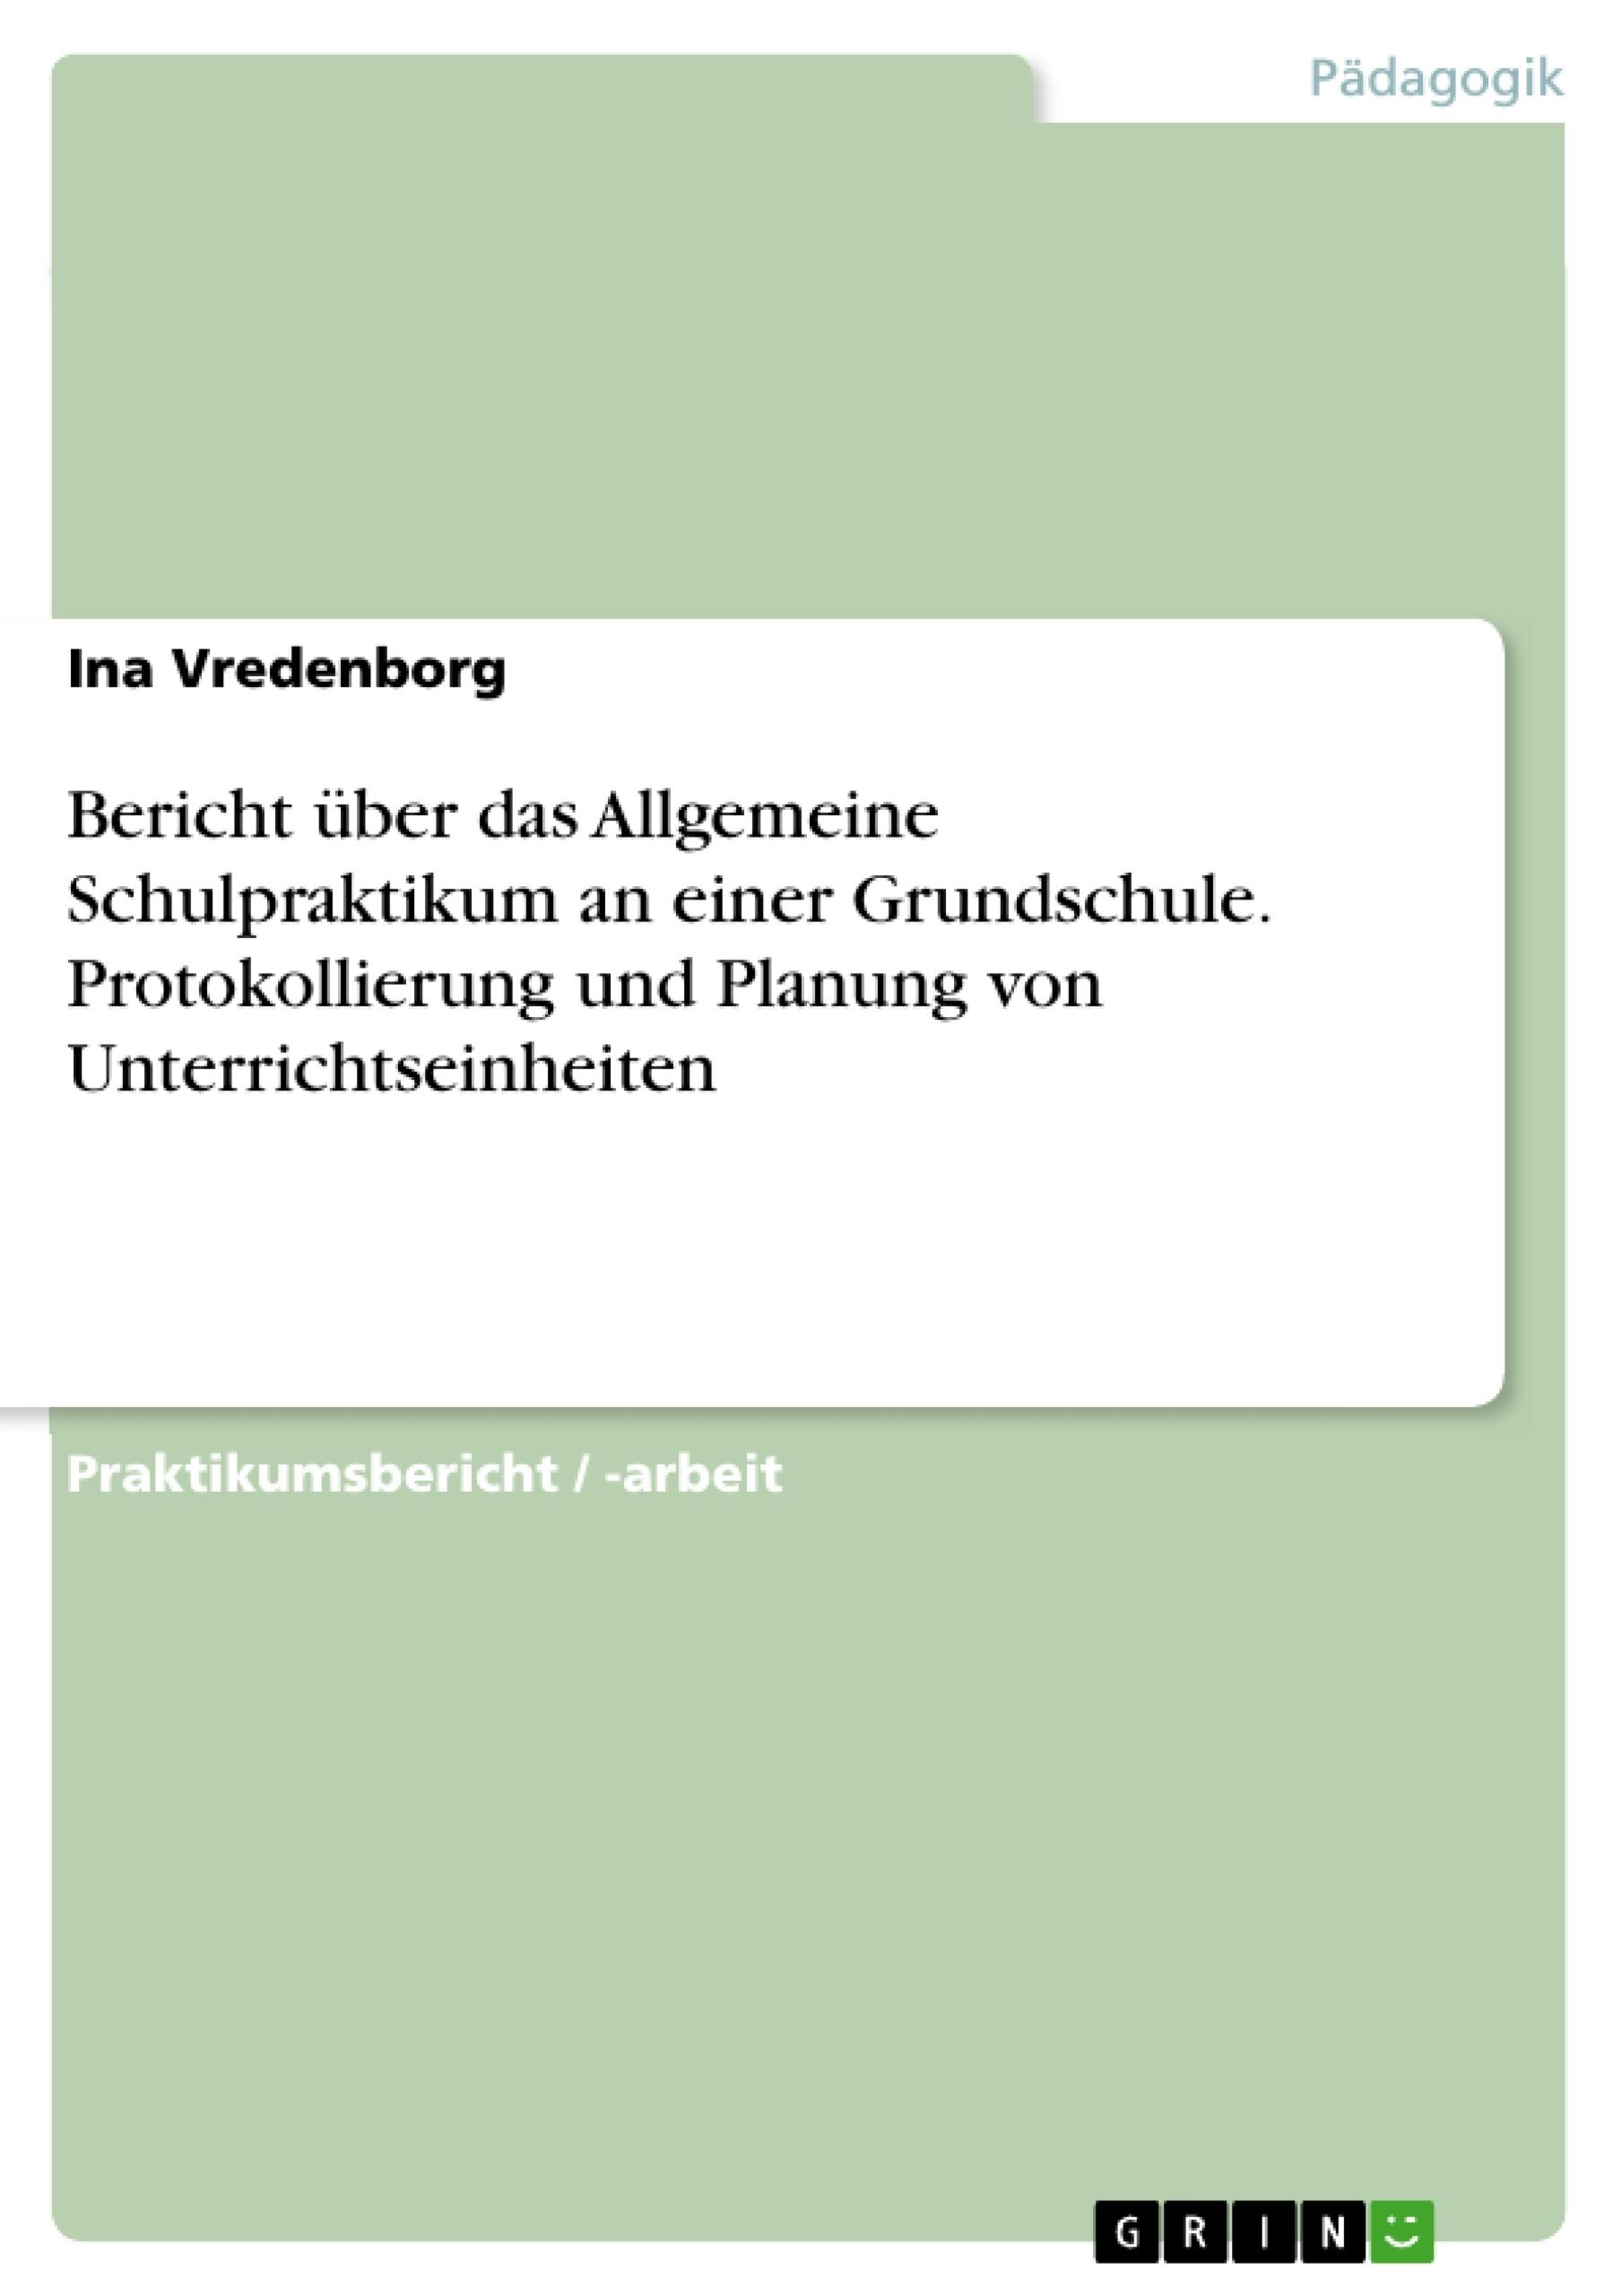 Bericht über das Allgemeine Schulpraktikum an einer Grundschule ...